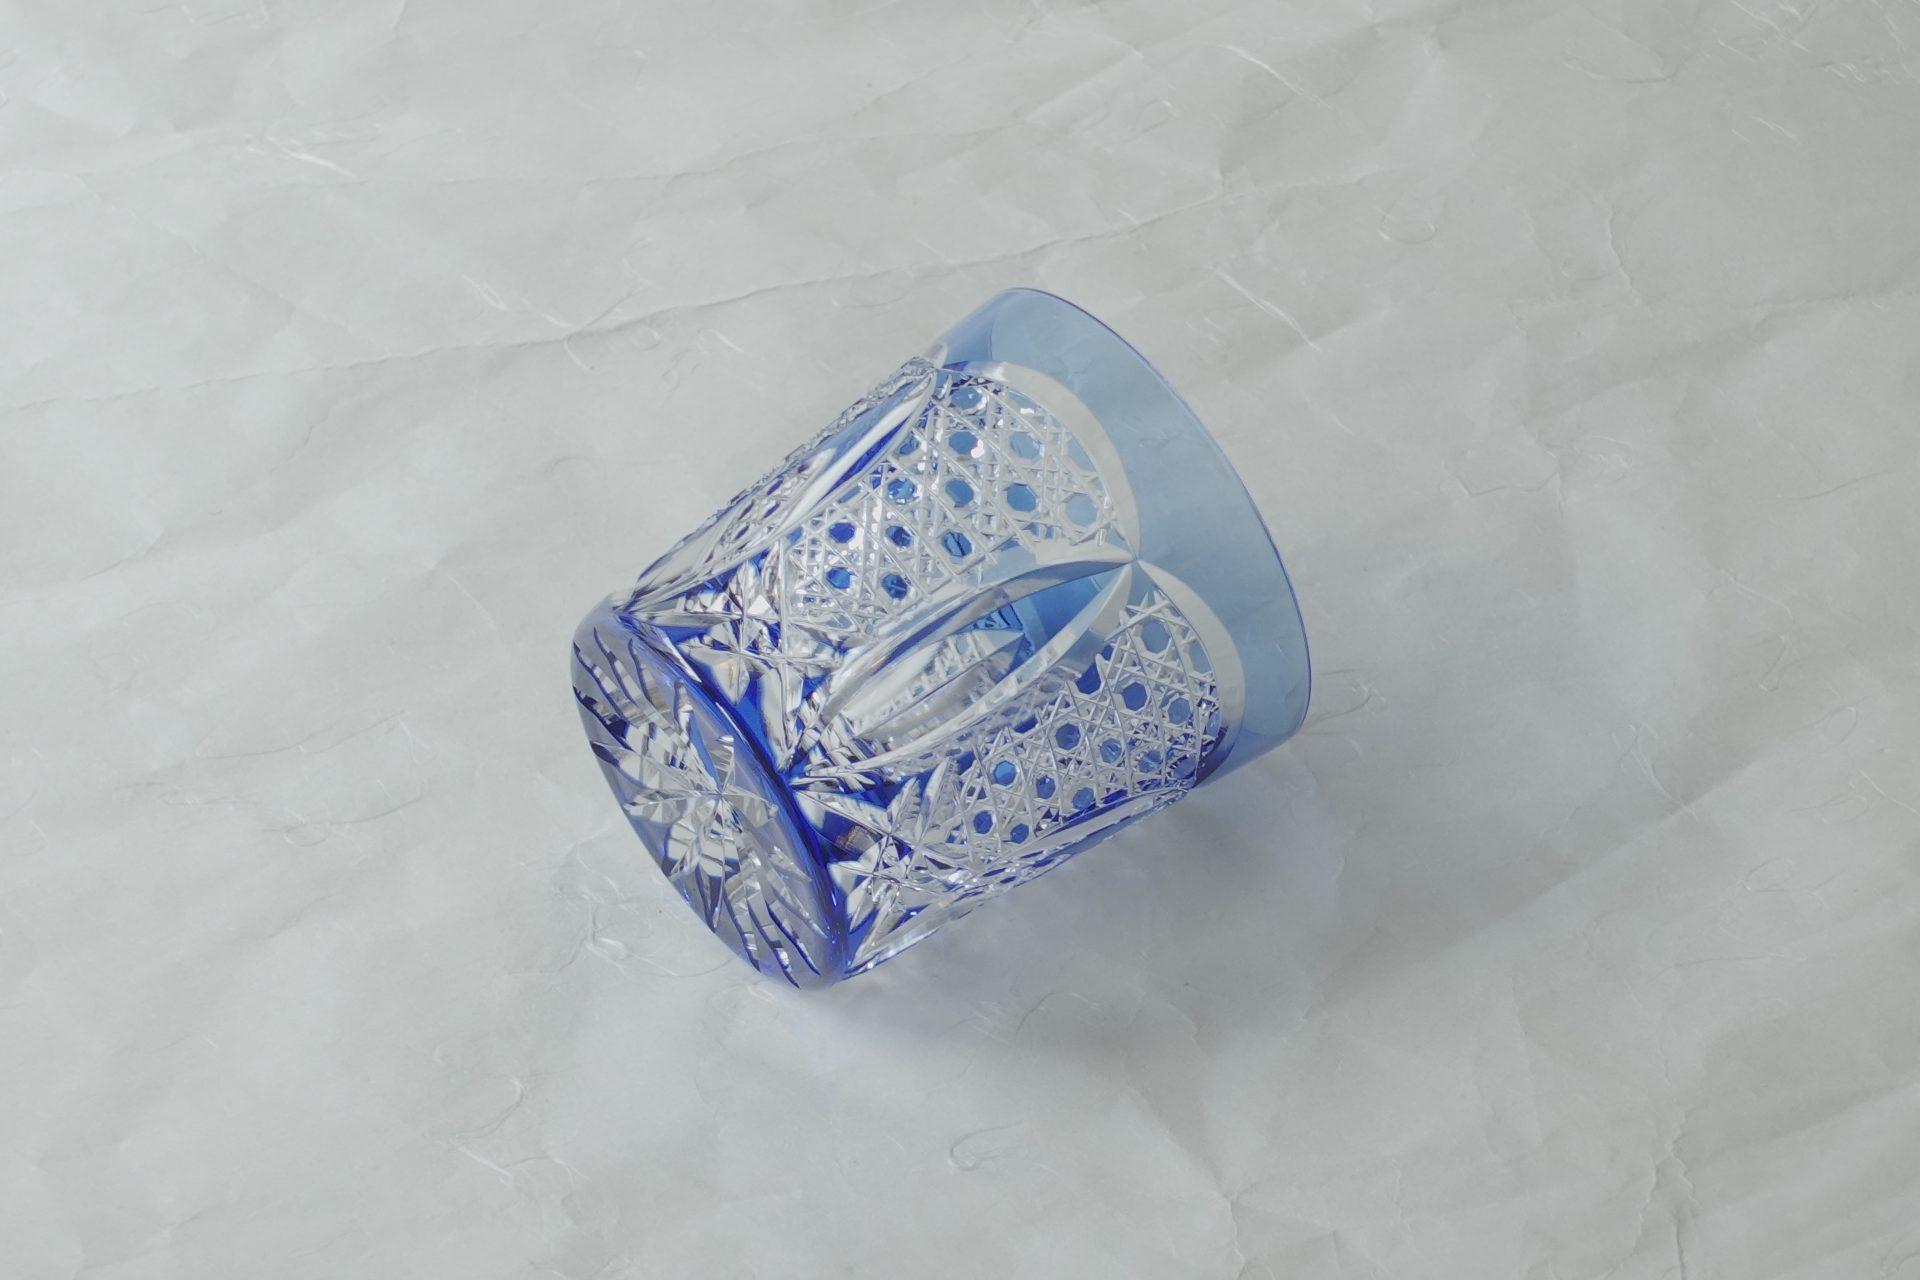 江戸切子 最高級 色被せクリスタルガラス ロックグラス 精密 カット技術 美しい輝き 宮内庁 日本迎賓館 日本大使館 適度な重み 高級感 高い透明度 メイドインジャパン 最高峰 プレミアム 切子グラス